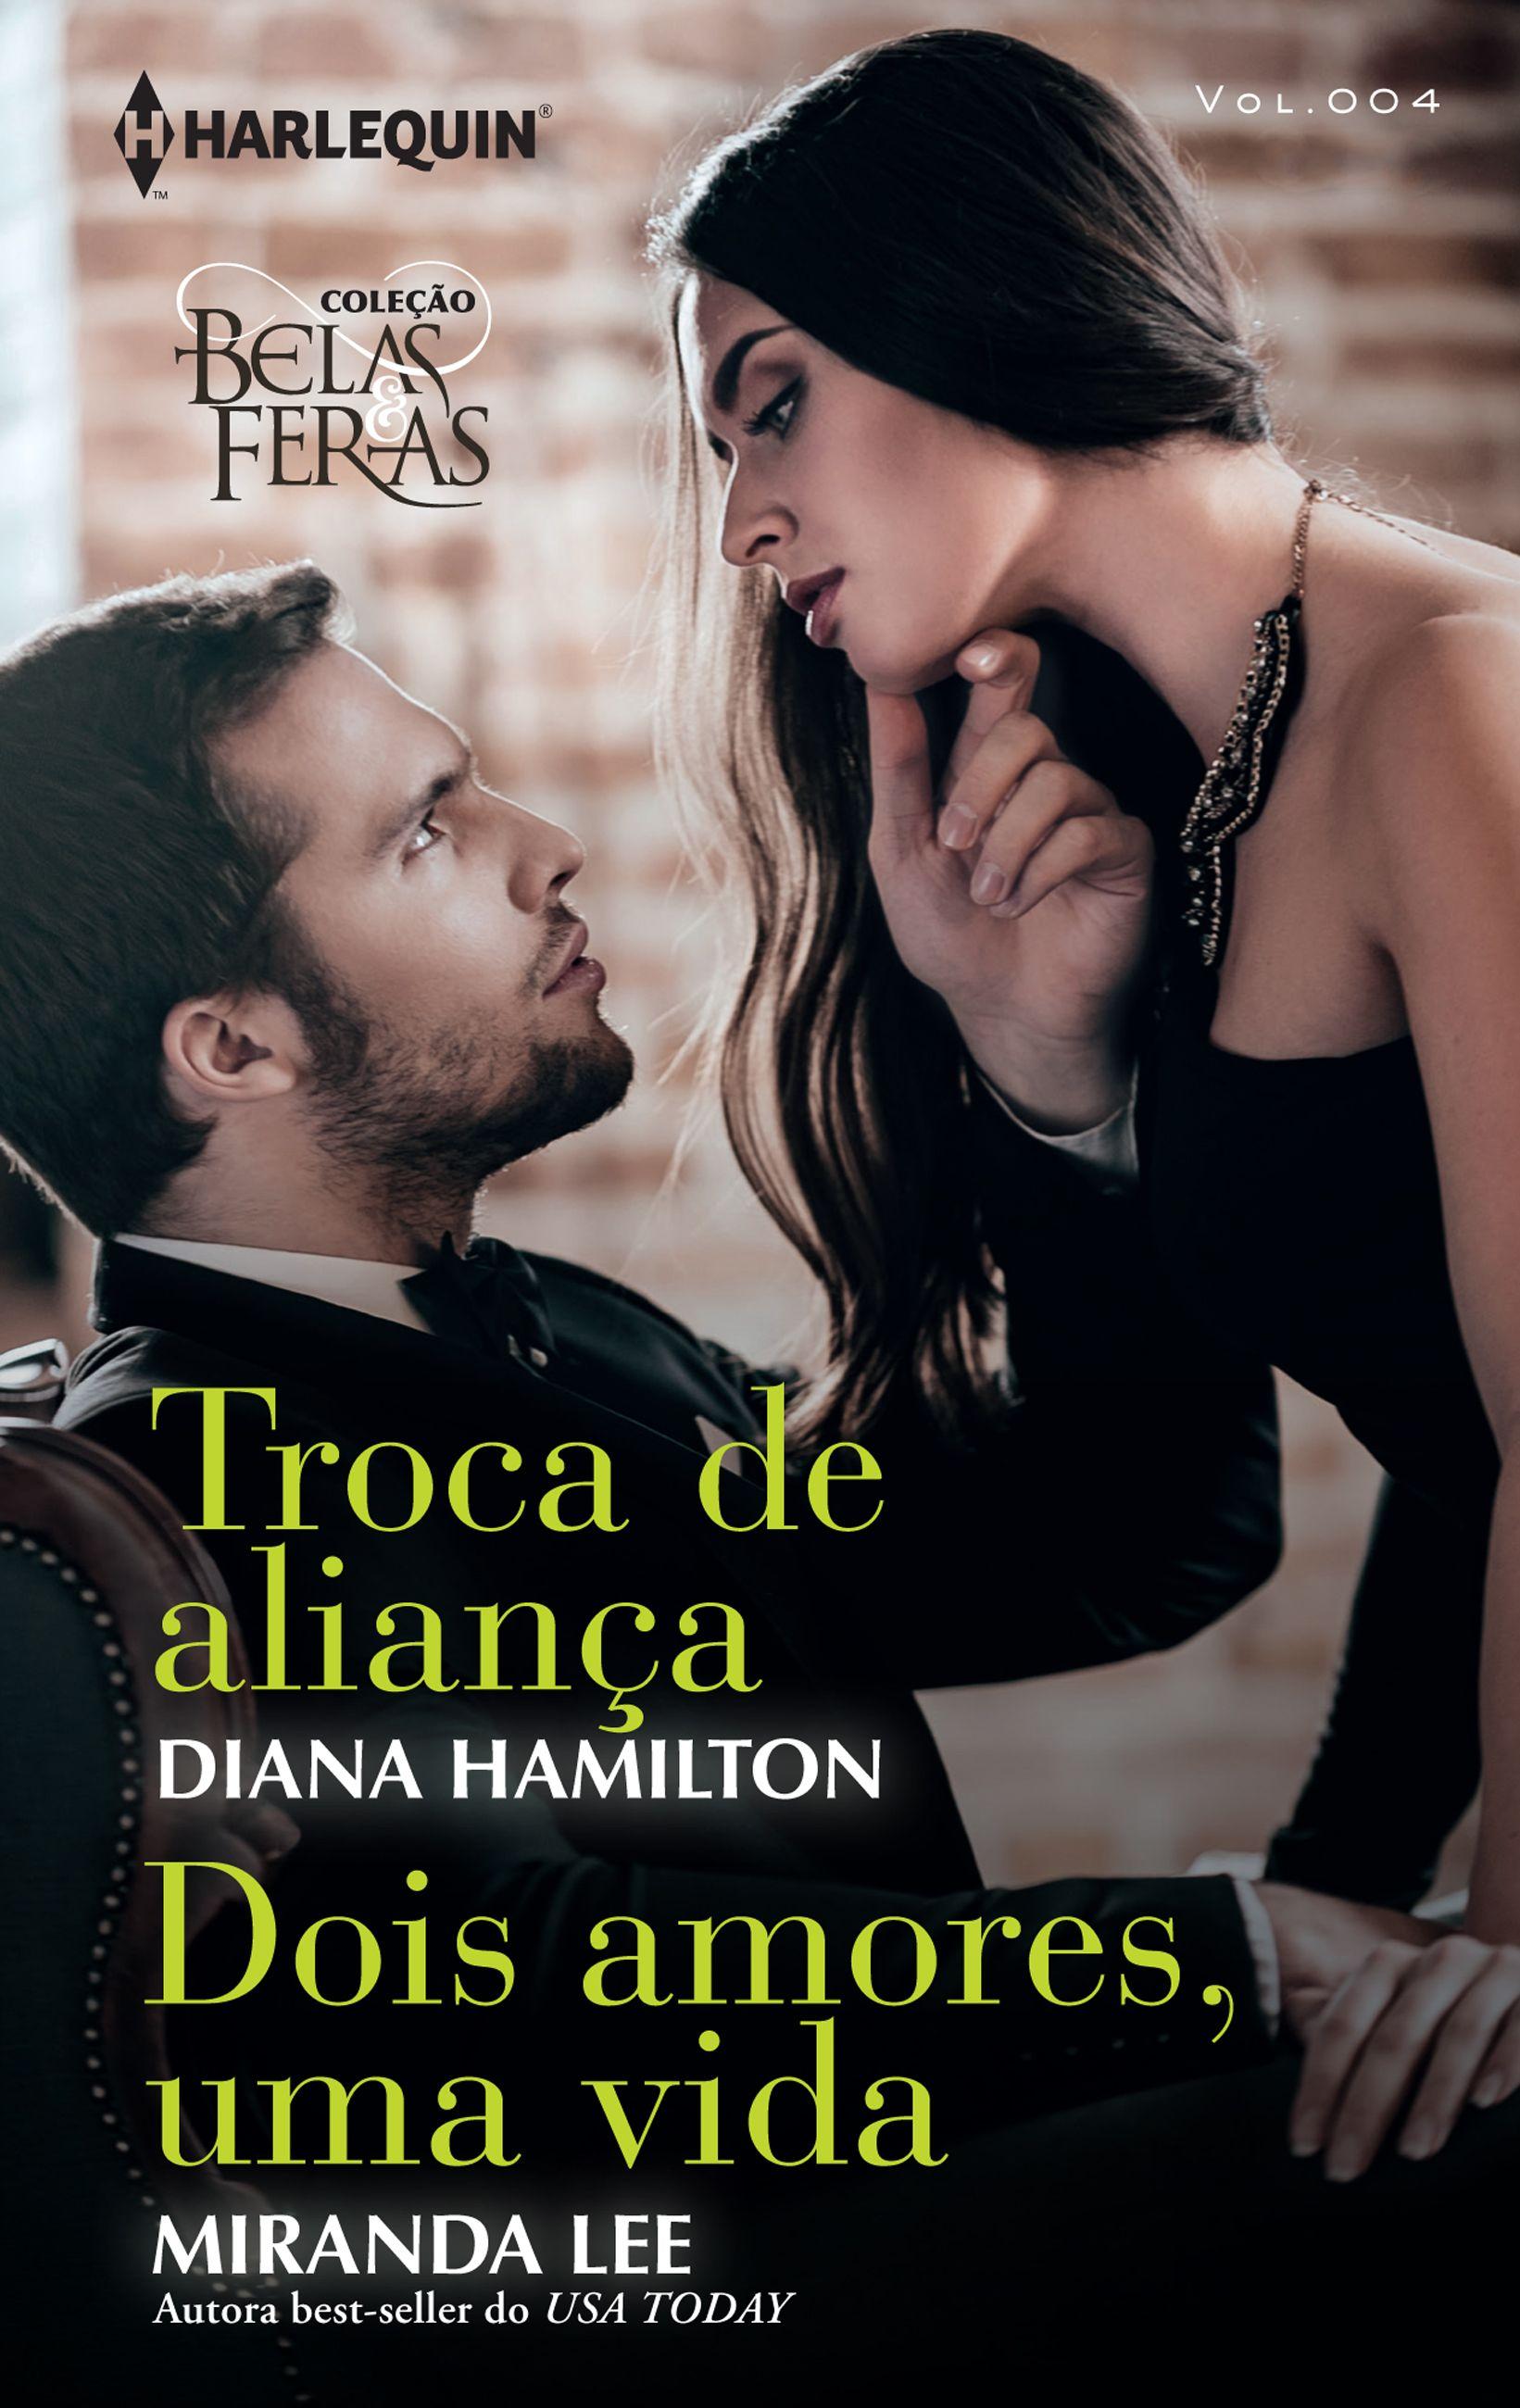 Colecao Belas E Feras 004 Com Imagens Livros De Romance Ler